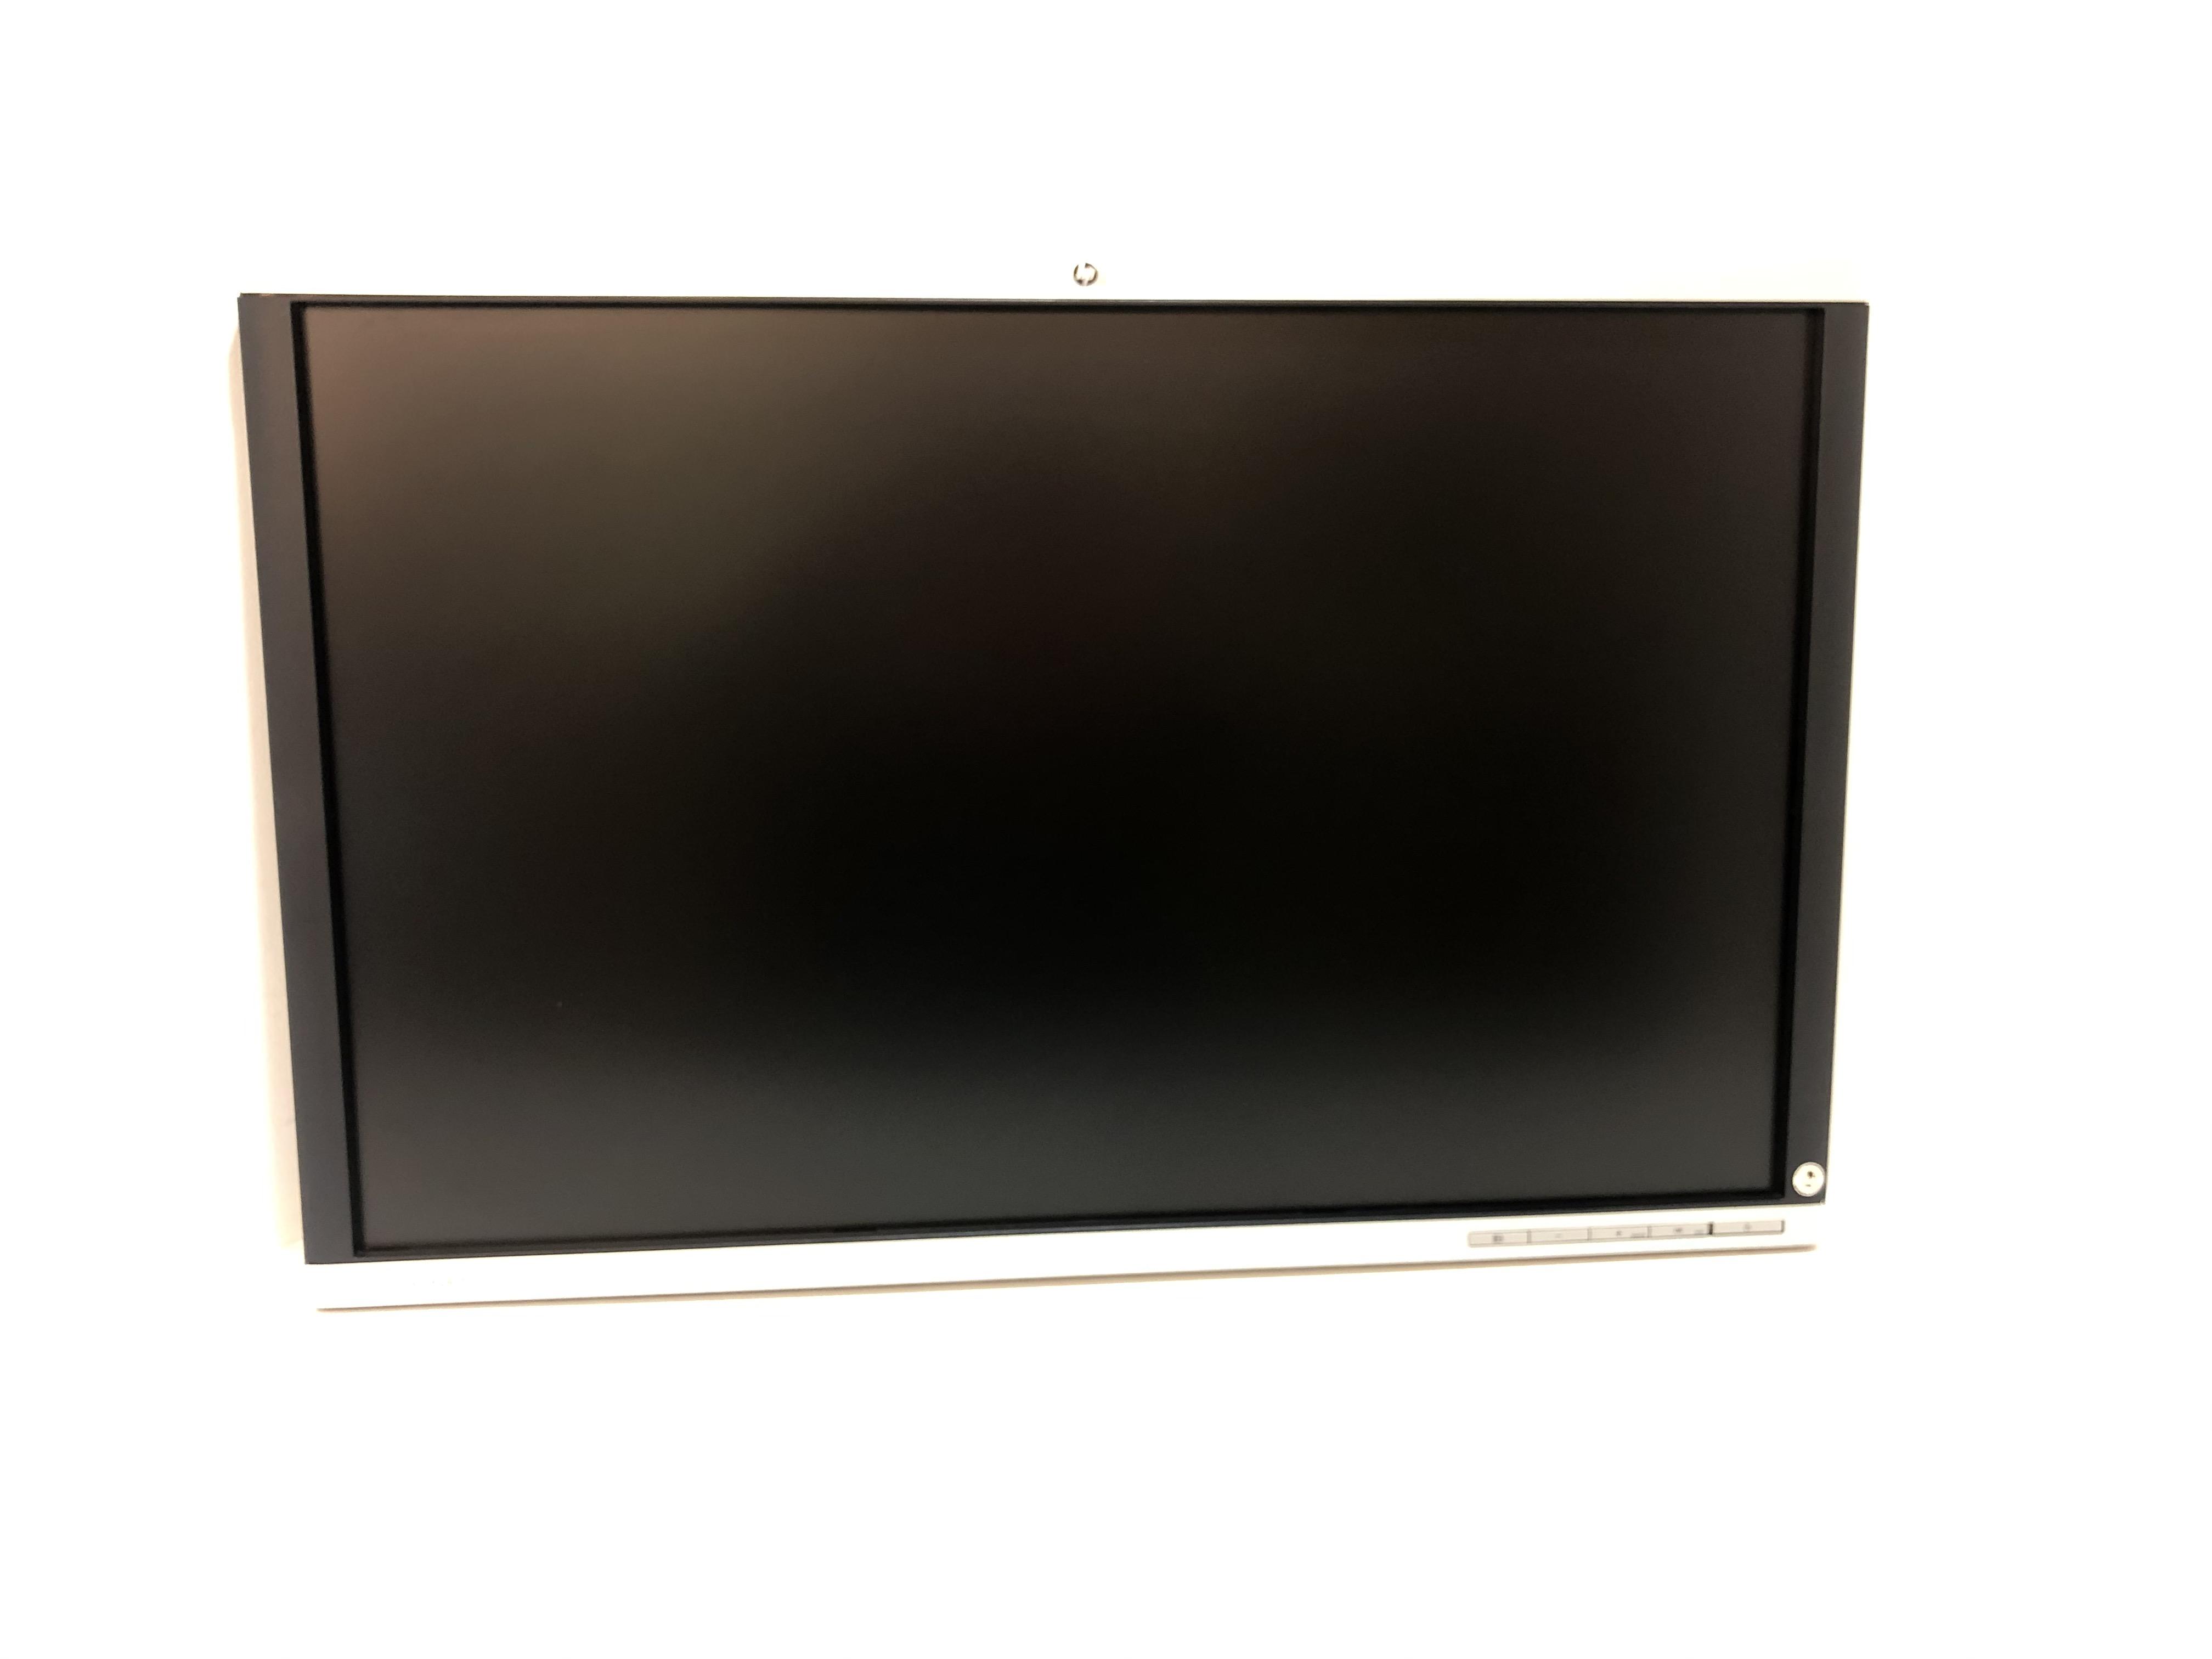 HP-LA2405Wg - 152662